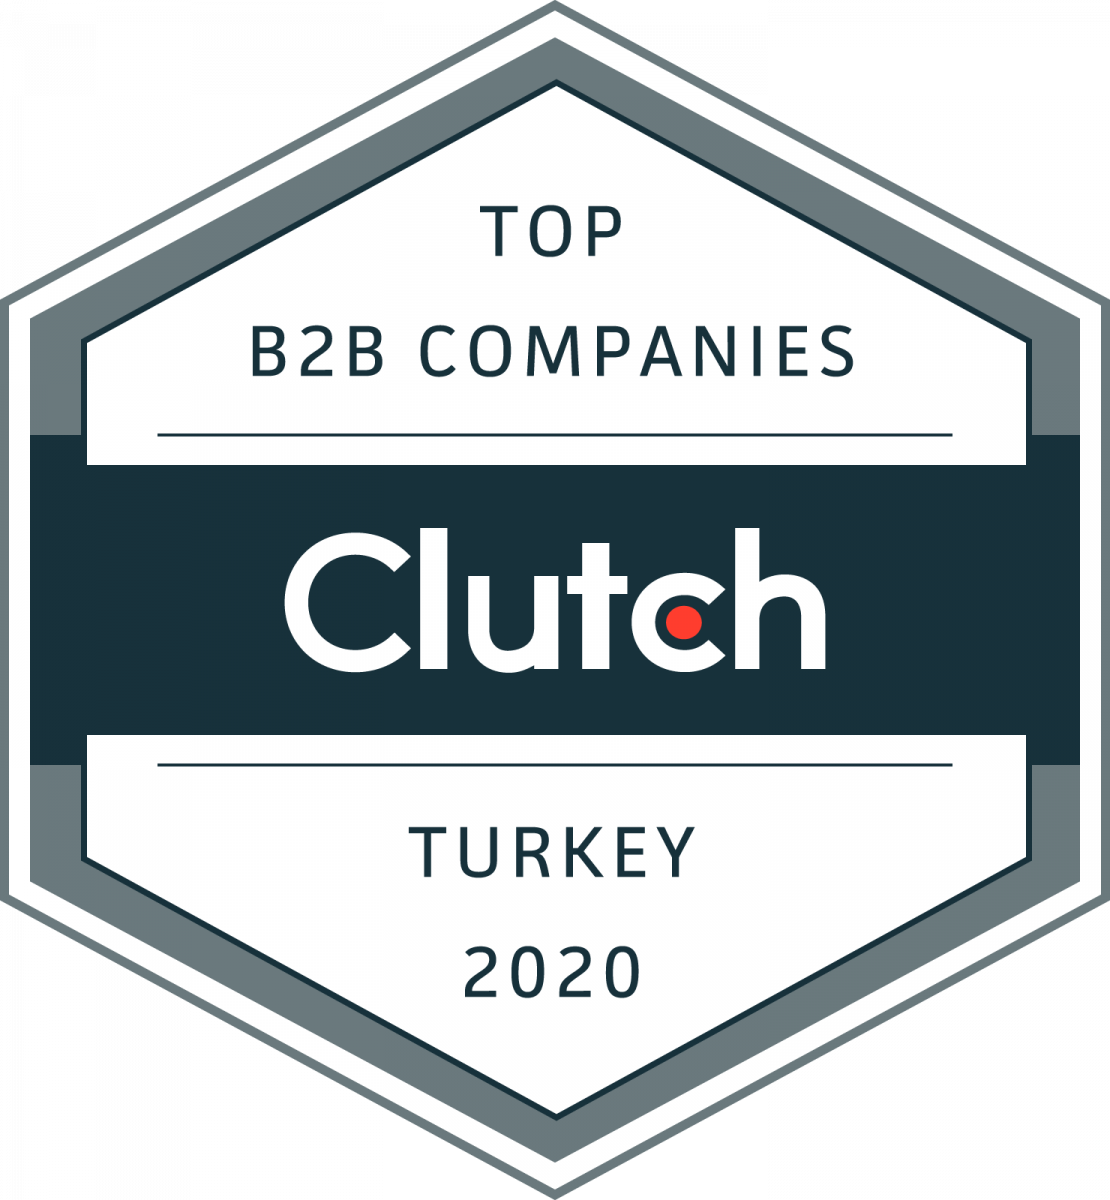 turkey b2b providers 2020